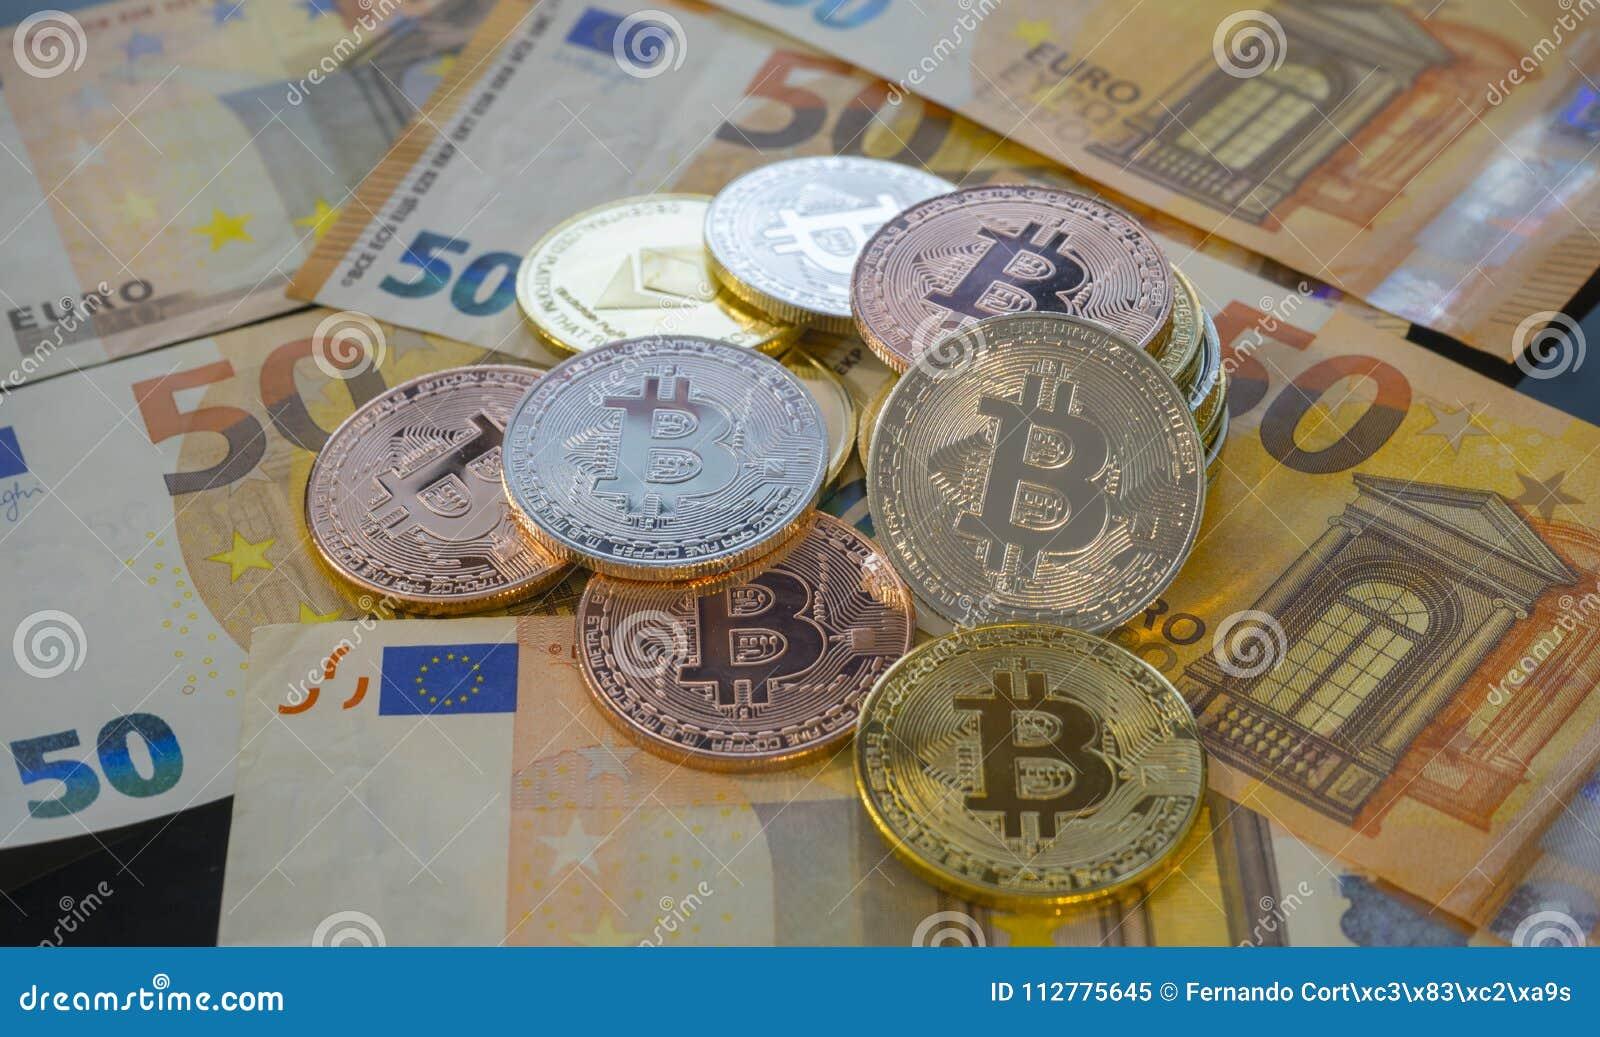 bitcoin trade euro 60 perc bitcoin trader